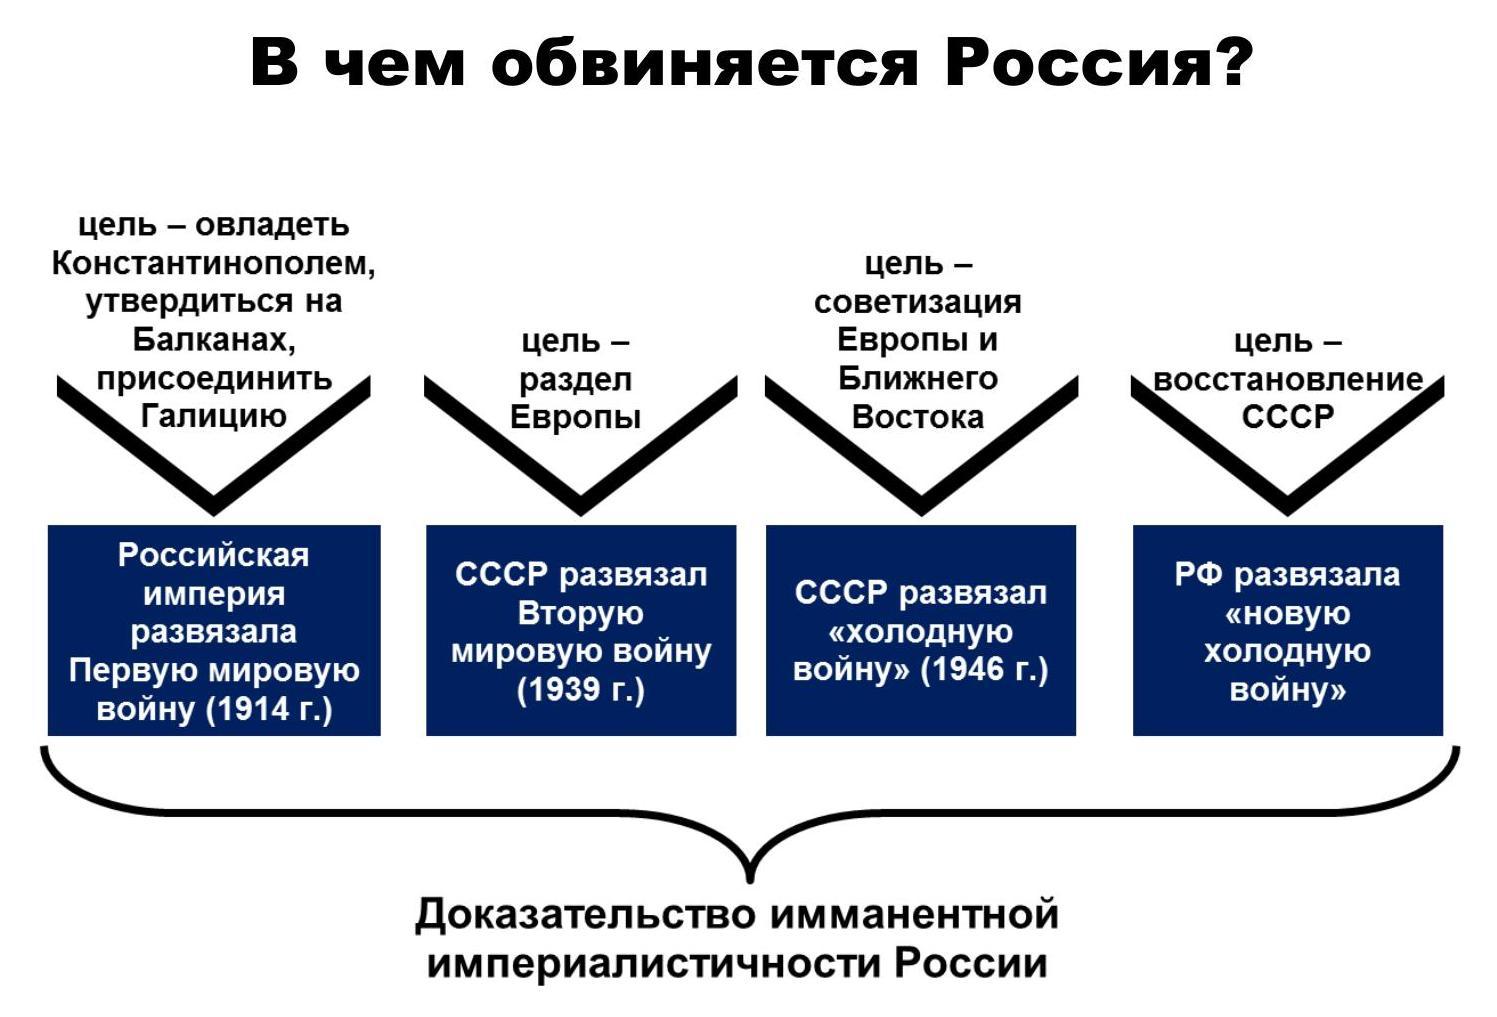 Конфронтация значение понятия (в психологии)